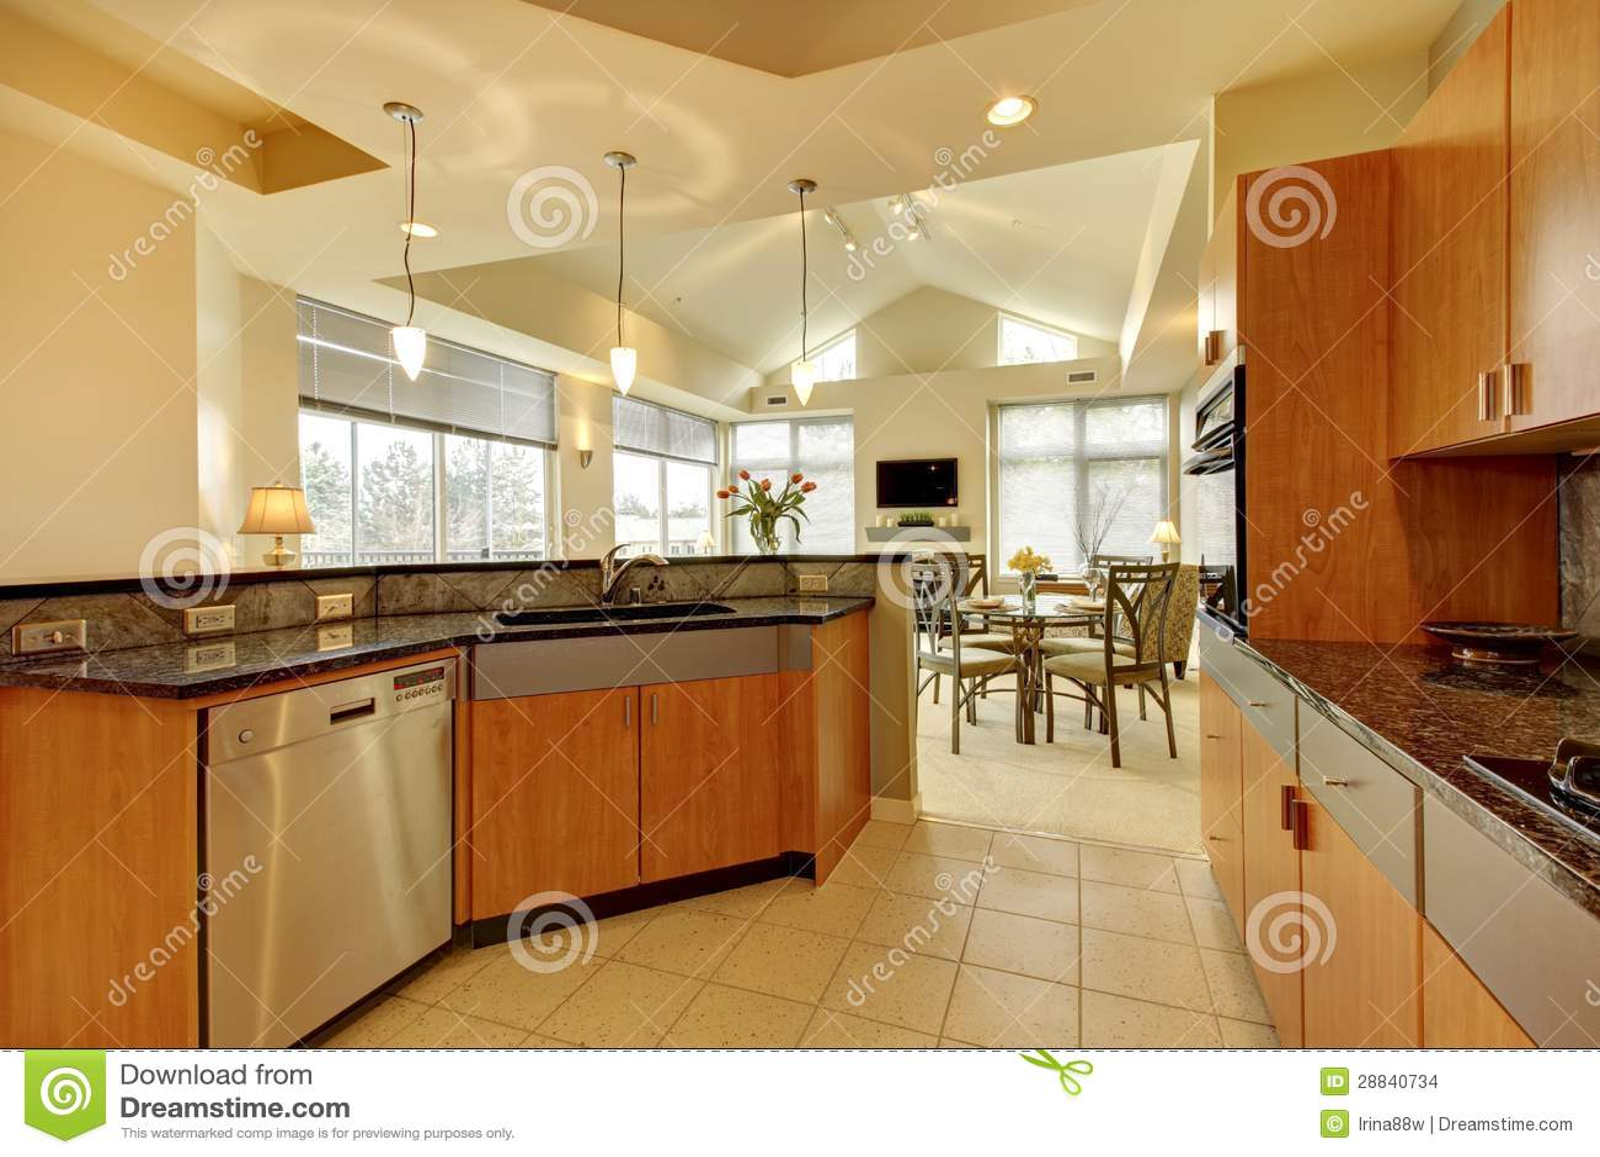 Slaapkamer met hoog plafond. free keuken met veel licht door het